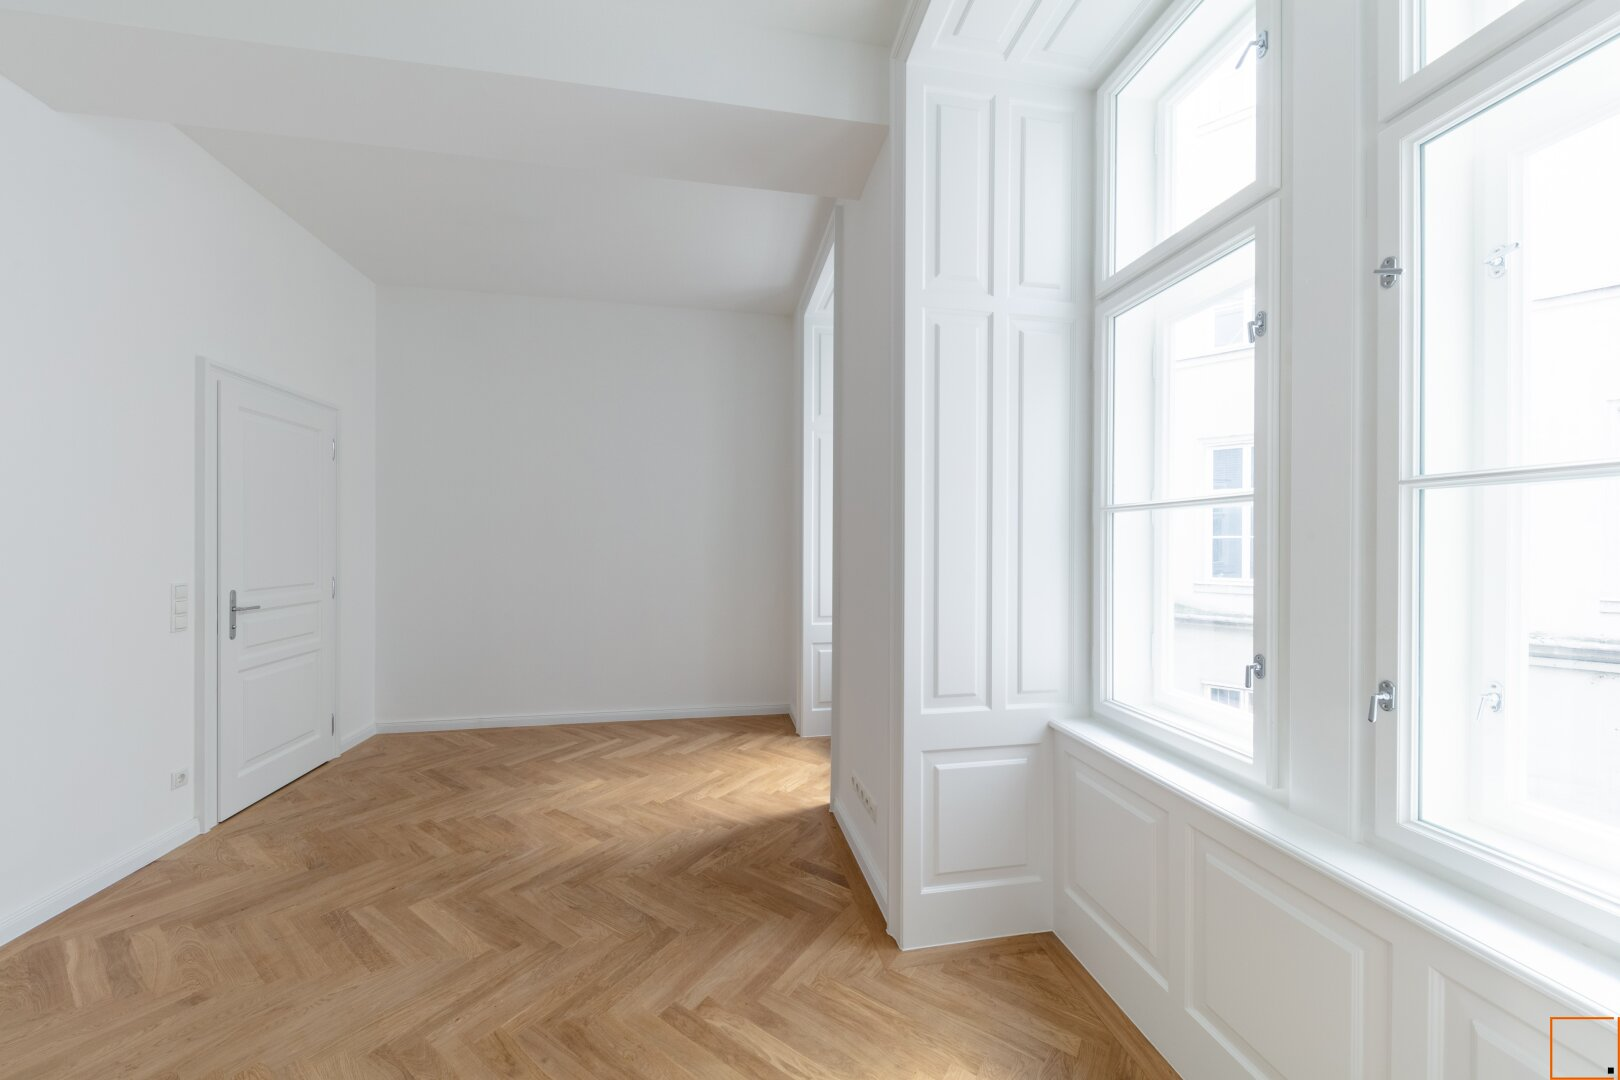 Schlafzimmer mit Blick auf Badezimmertür